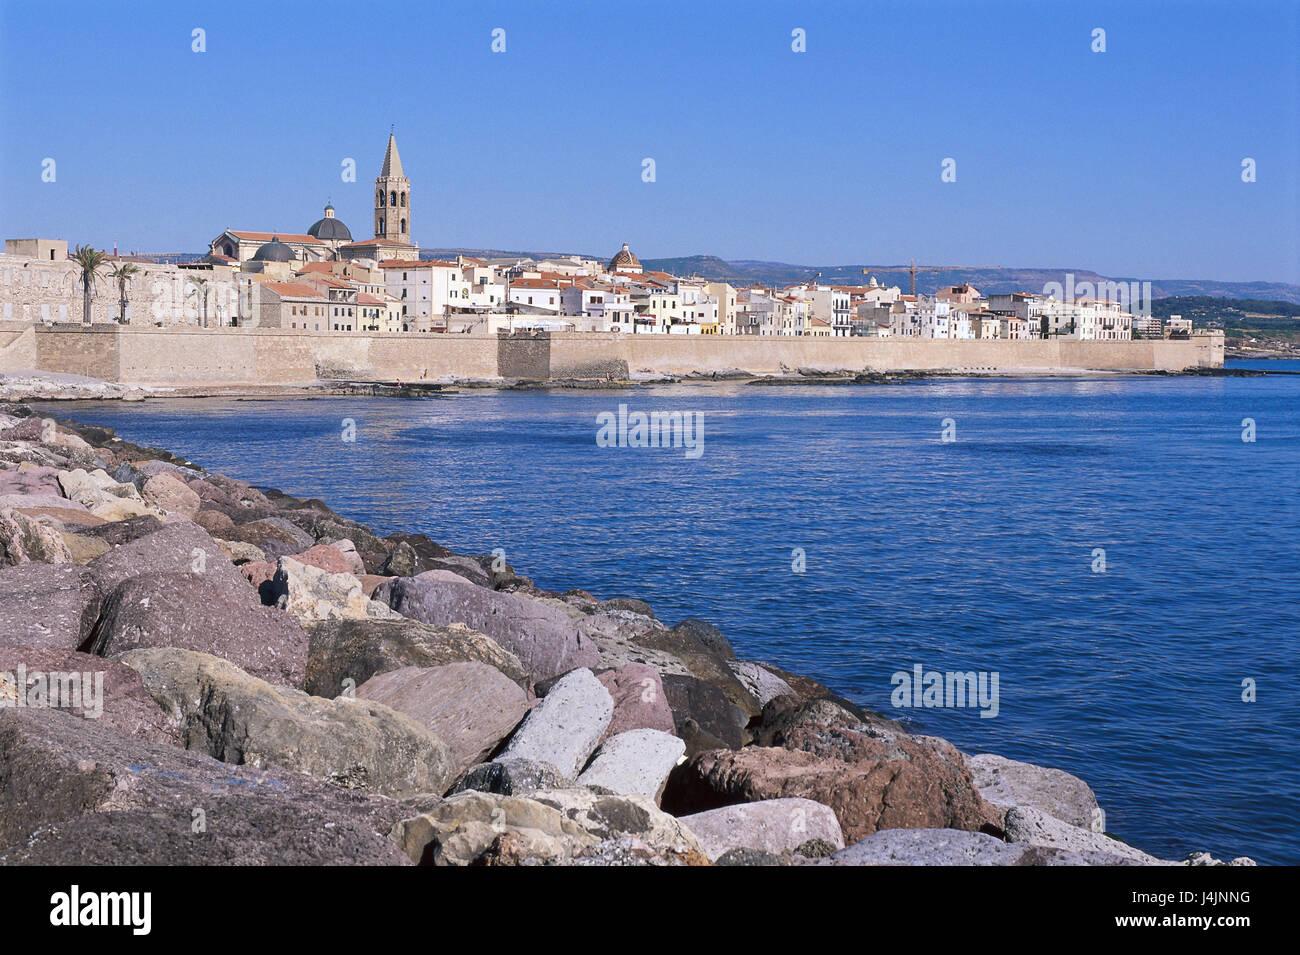 Italy, Sardinia, Algehero, town view, church Europe, the Mediterranean Sea, island, northwest coast, town, houses, - Stock Image